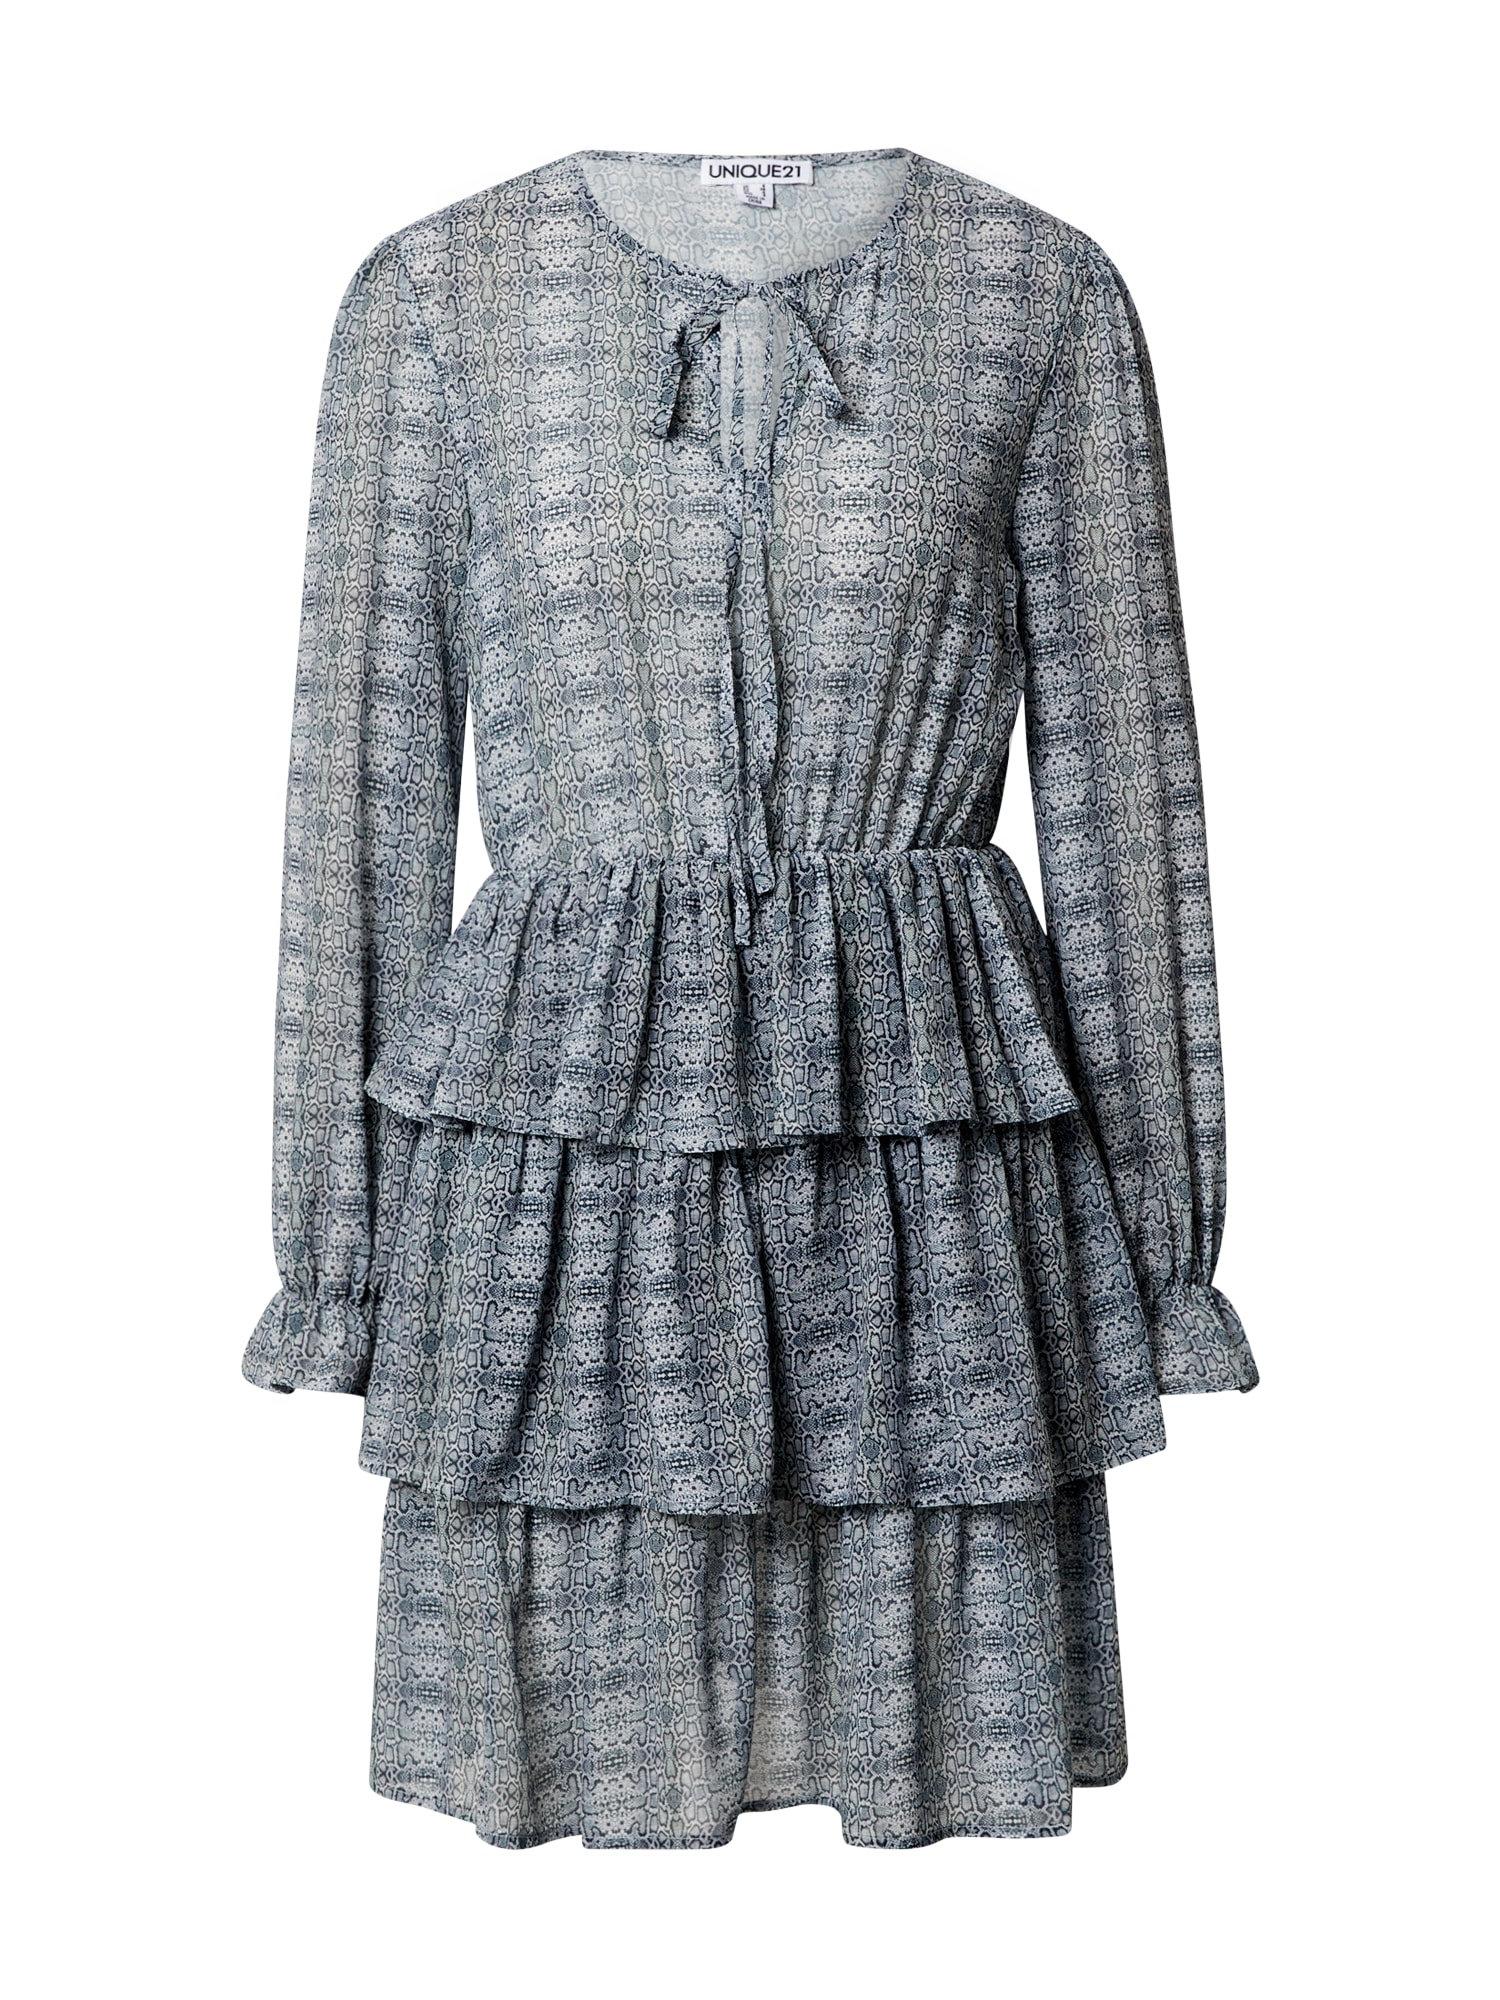 Unique21 Suknelė šviesiai pilka / tamsiai pilka